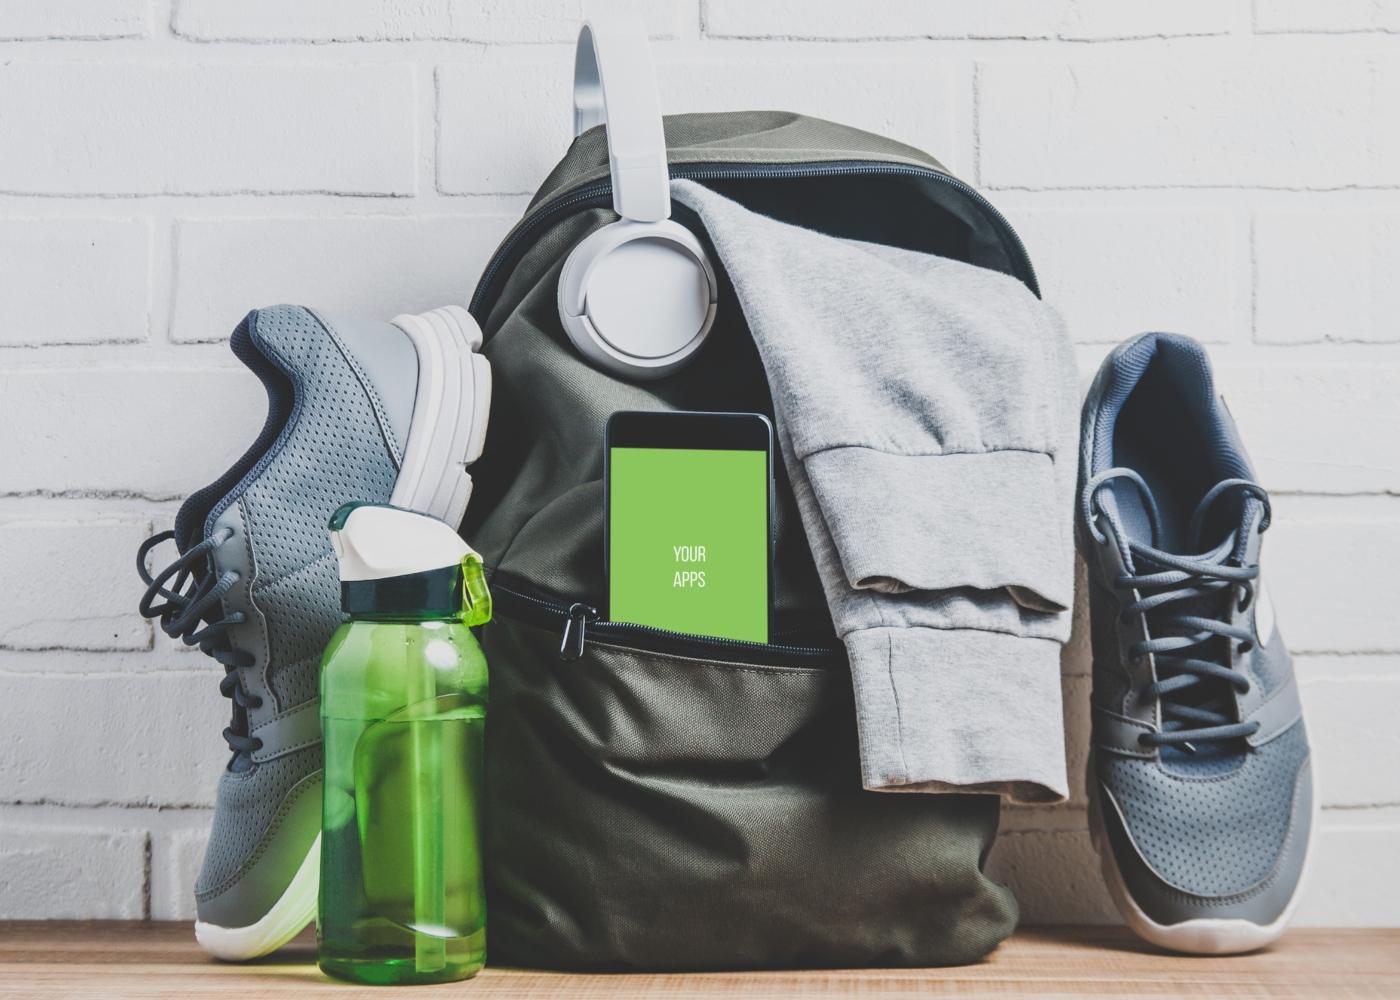 Equipamento desportivo: ténis, mochila, garrafa de água